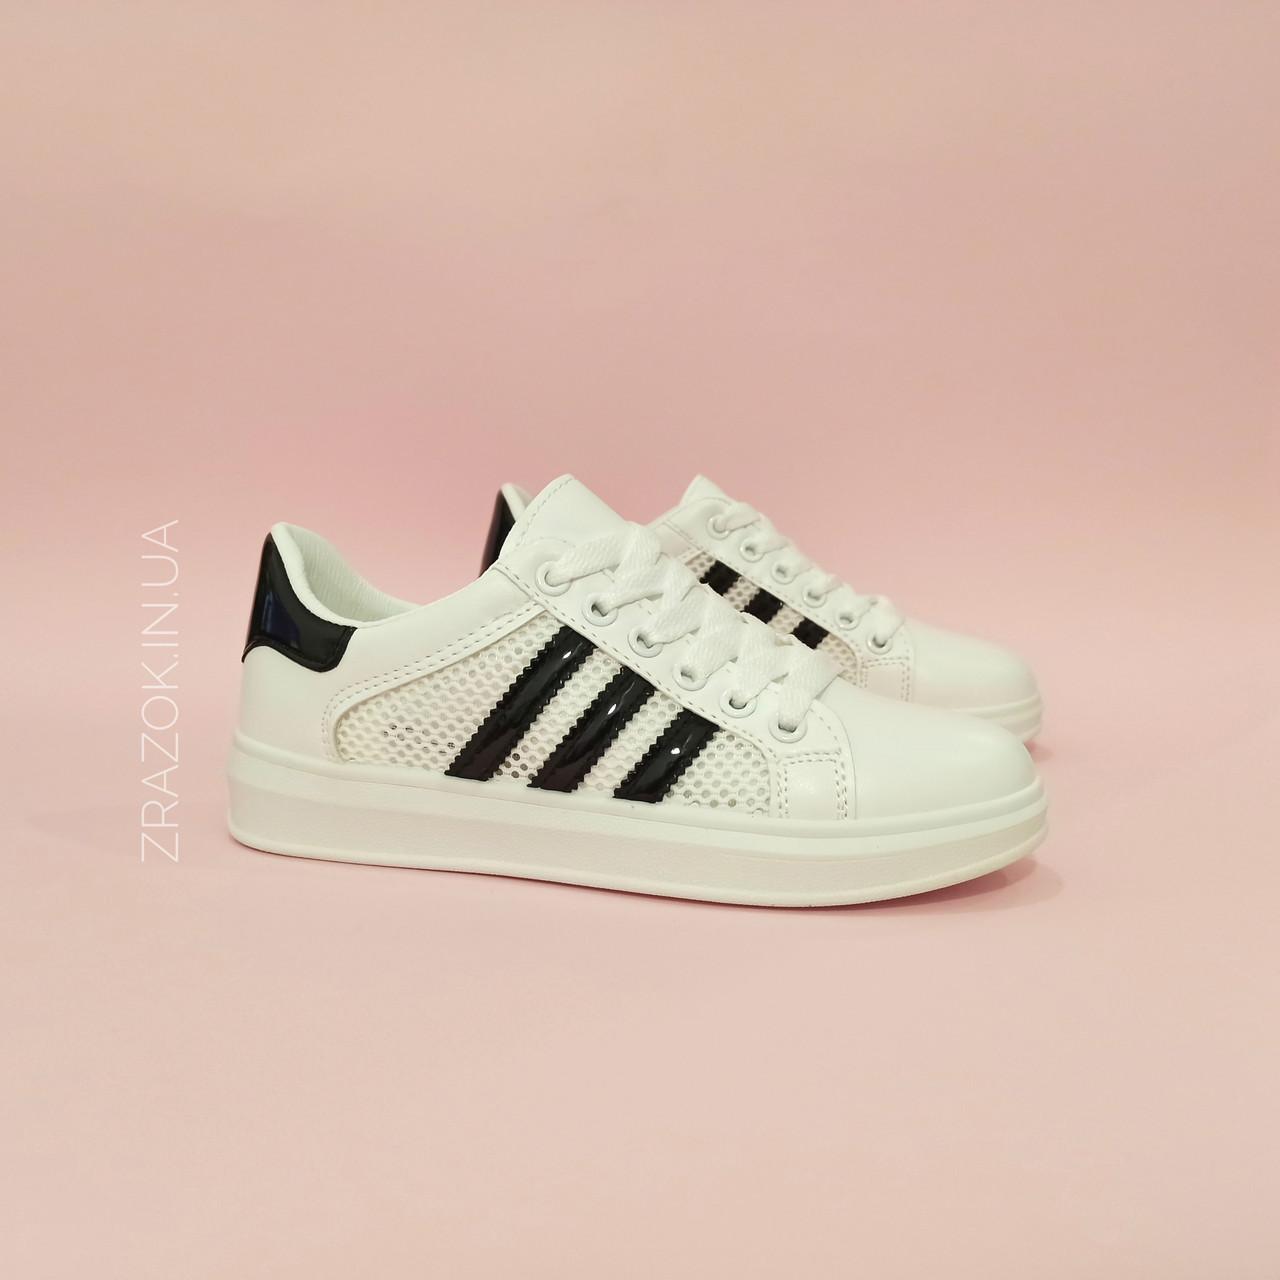 Кроссовки белые сетка женские в стиле adidas superstar Stan smith адидас летние кеды эко кожаные